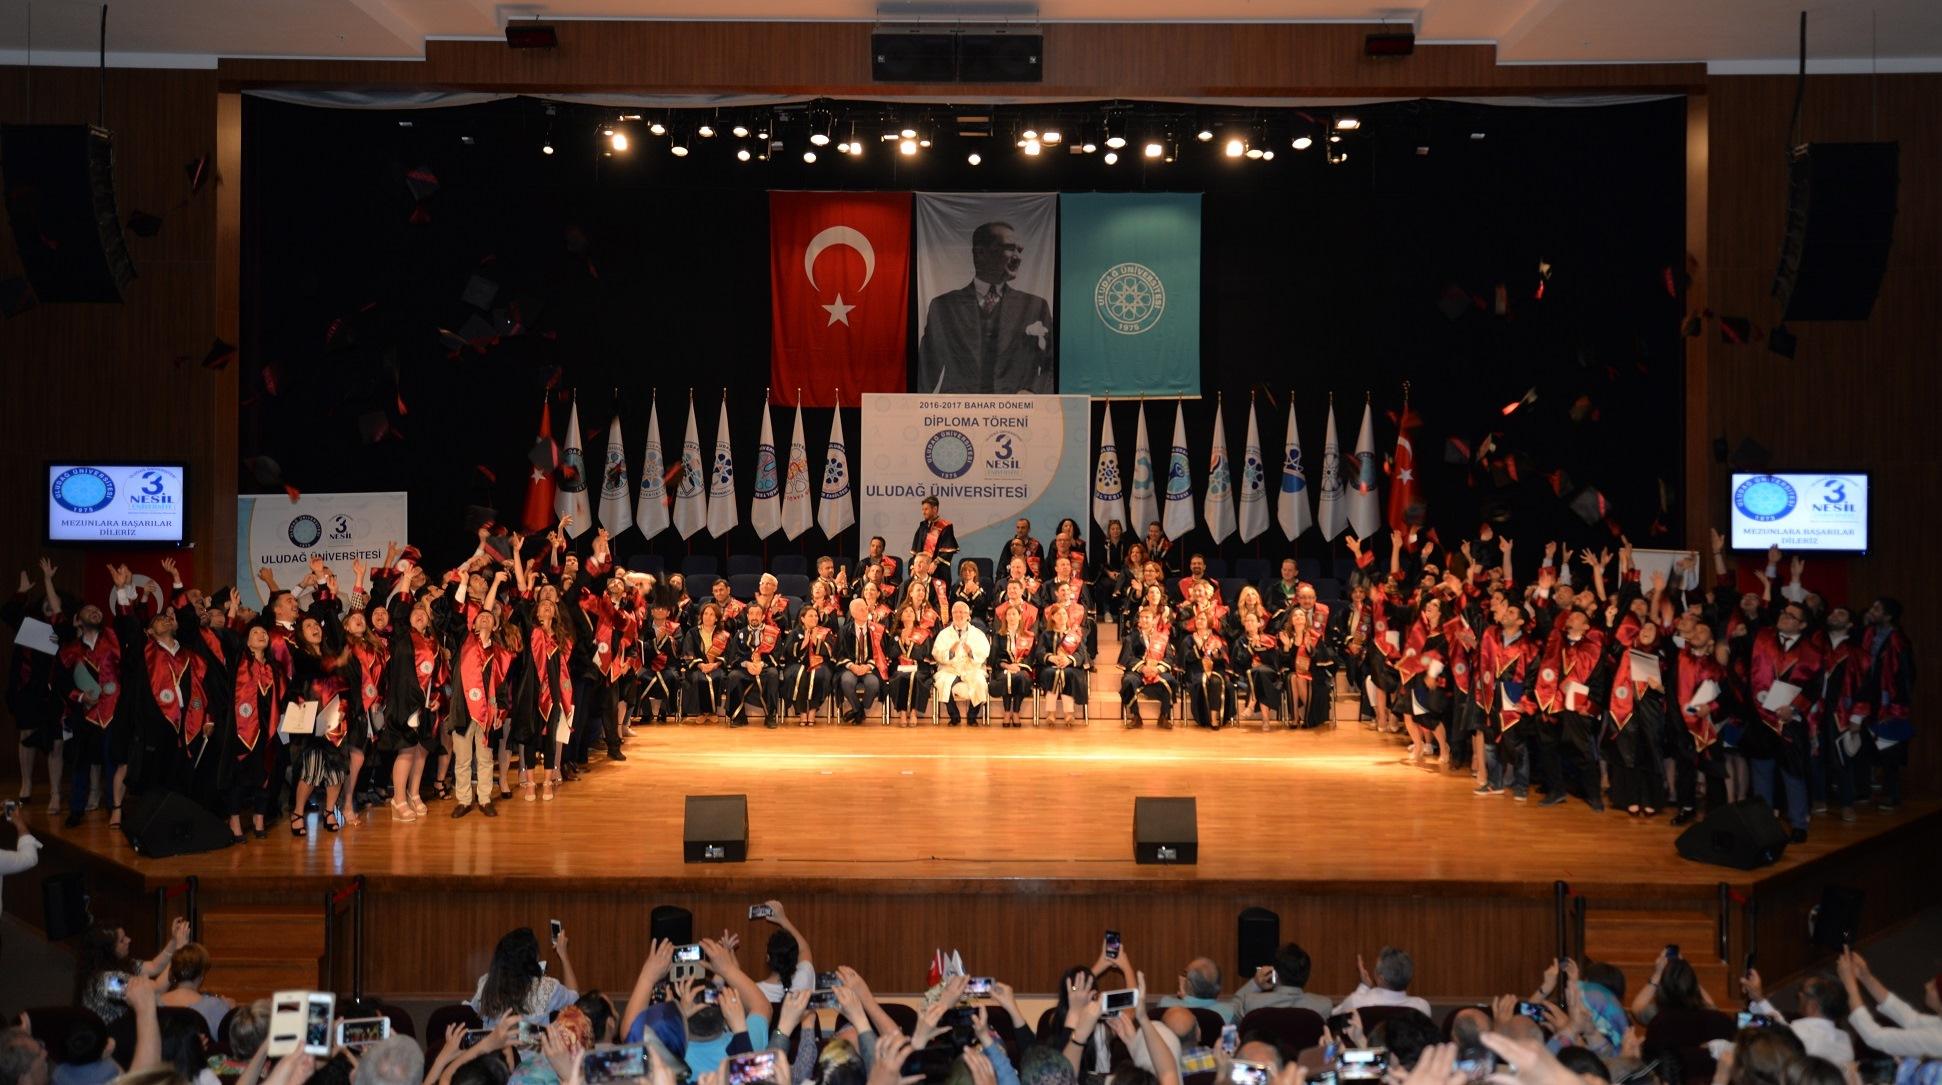 Uludağ Üniversitesi